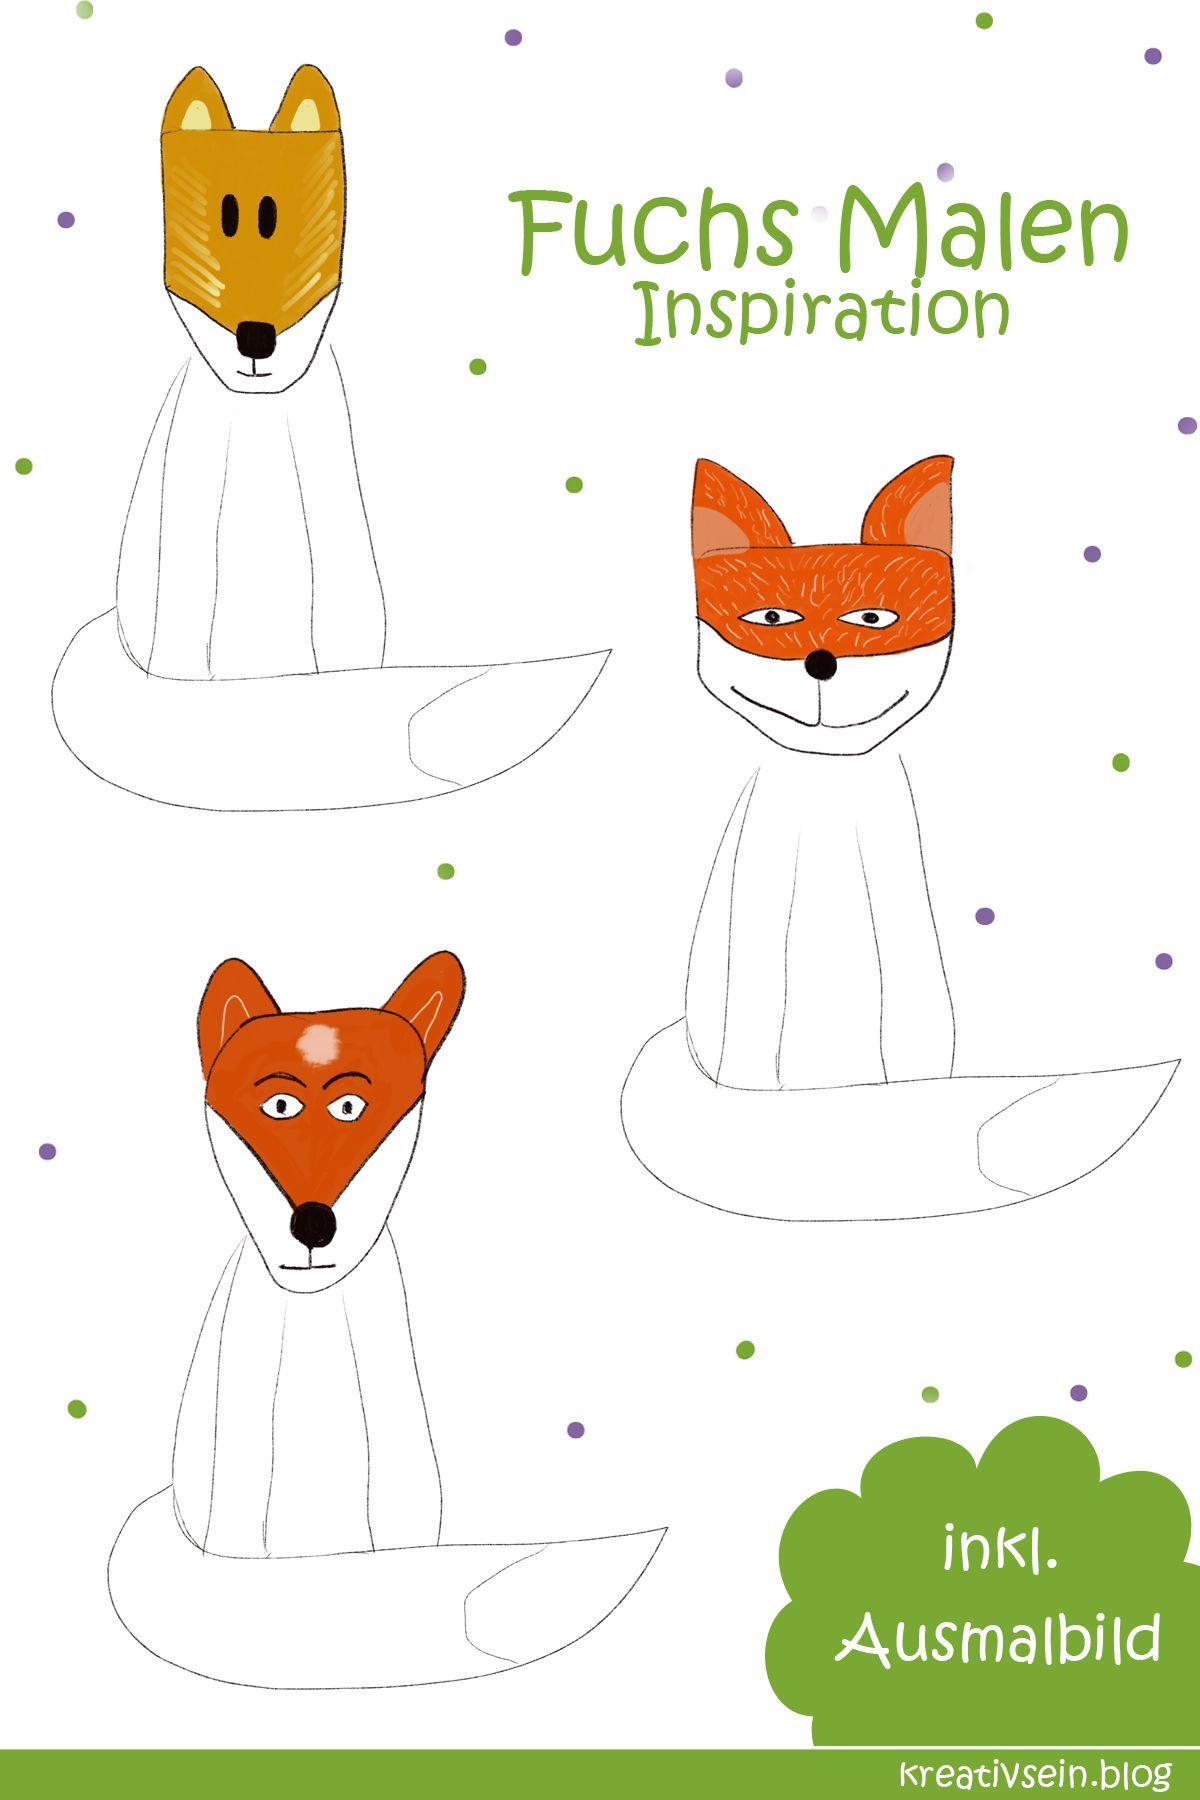 Fuchs Malen Mit Vorlage Geht Es Ganz Einfach Kreativsein Blog Fuchs Fuchs Zeichnen Fuchs Basteln